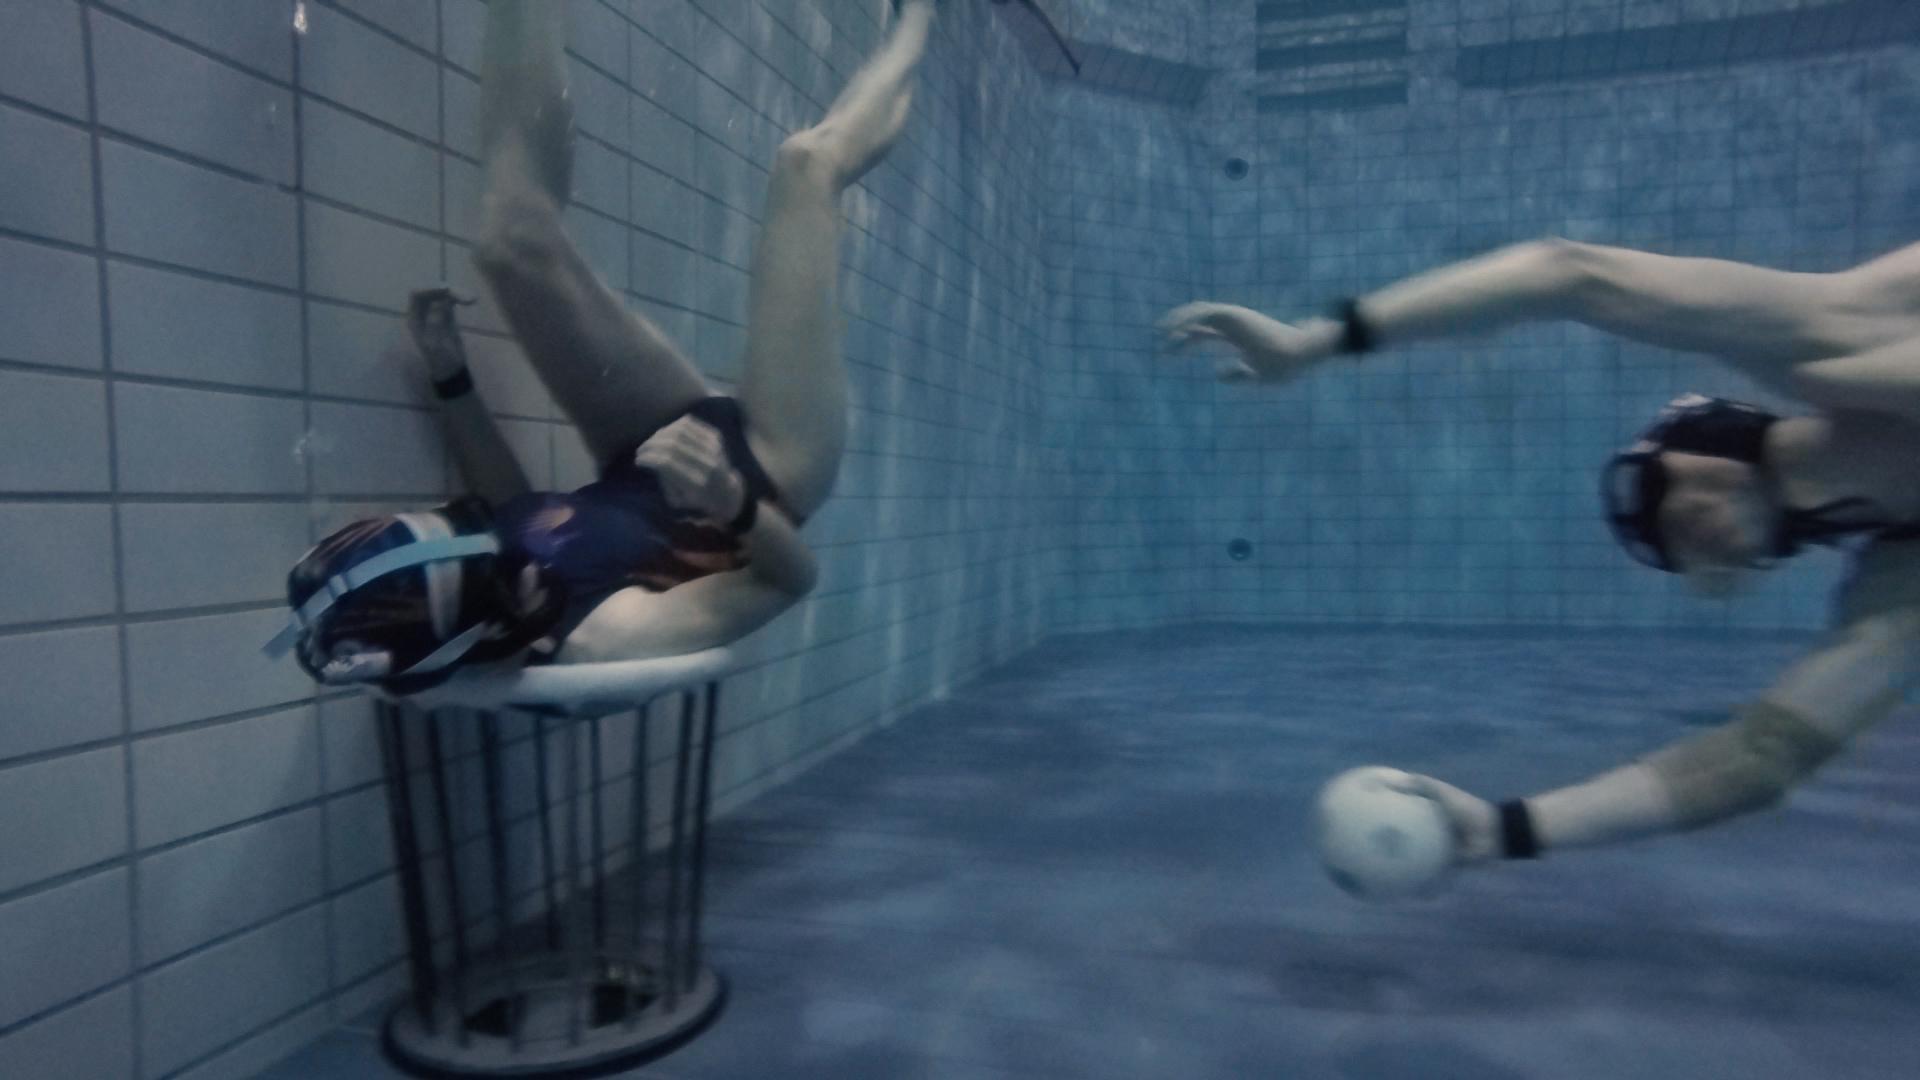 Unterwasserrugby Spielerin verteidigt Tor